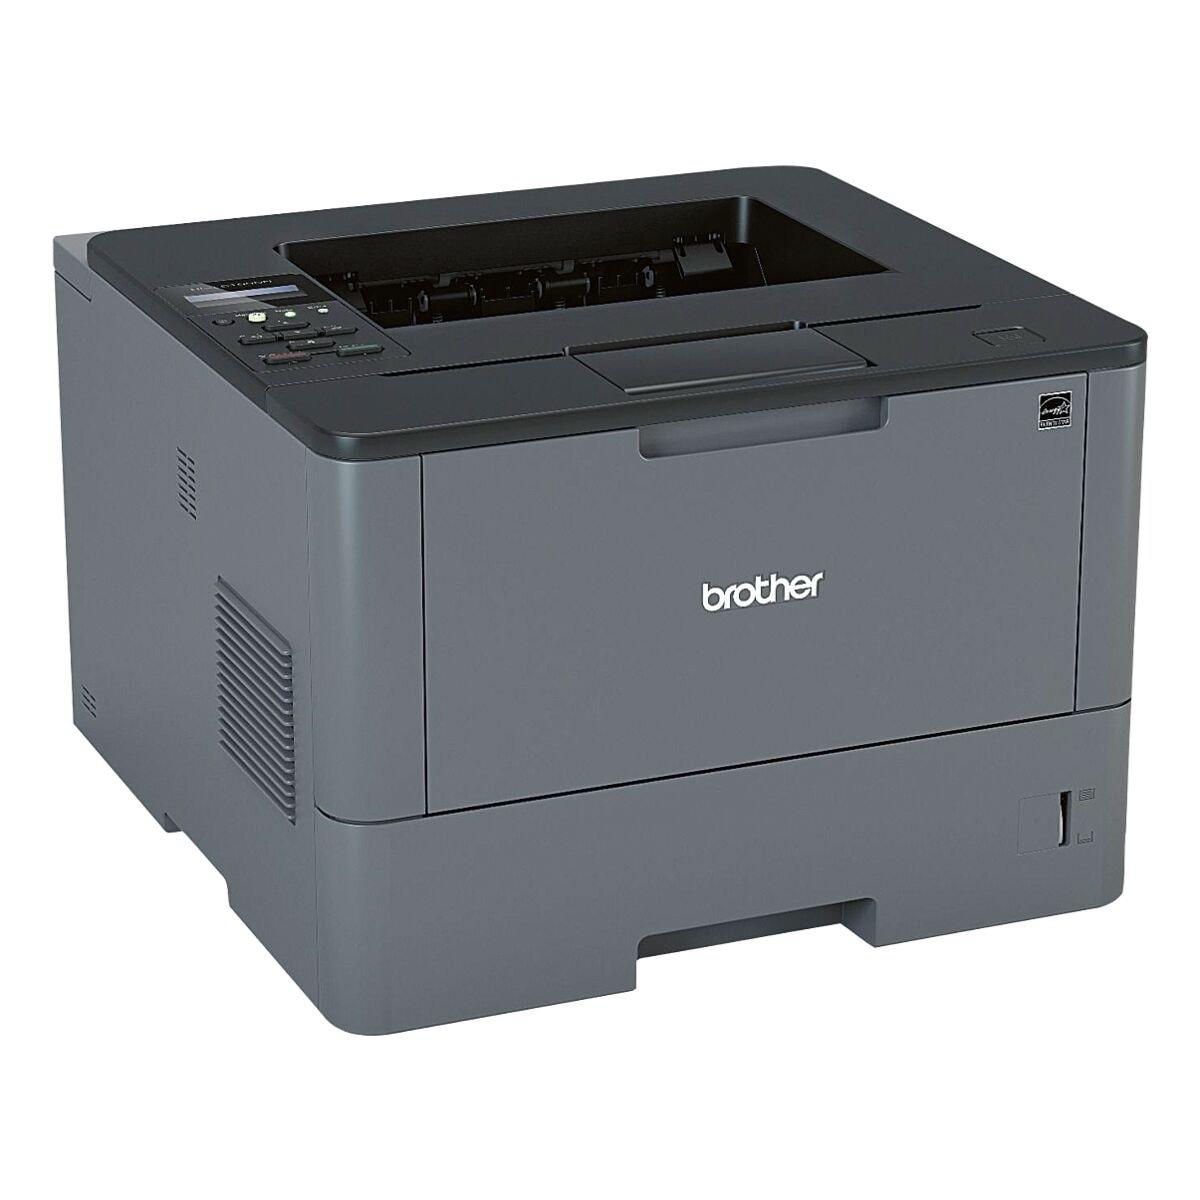 Brother HL-L5100DN Laserdrucker, A4 schwarz weiß Laserdrucker, 1200 x 1200 dpi, mit LAN